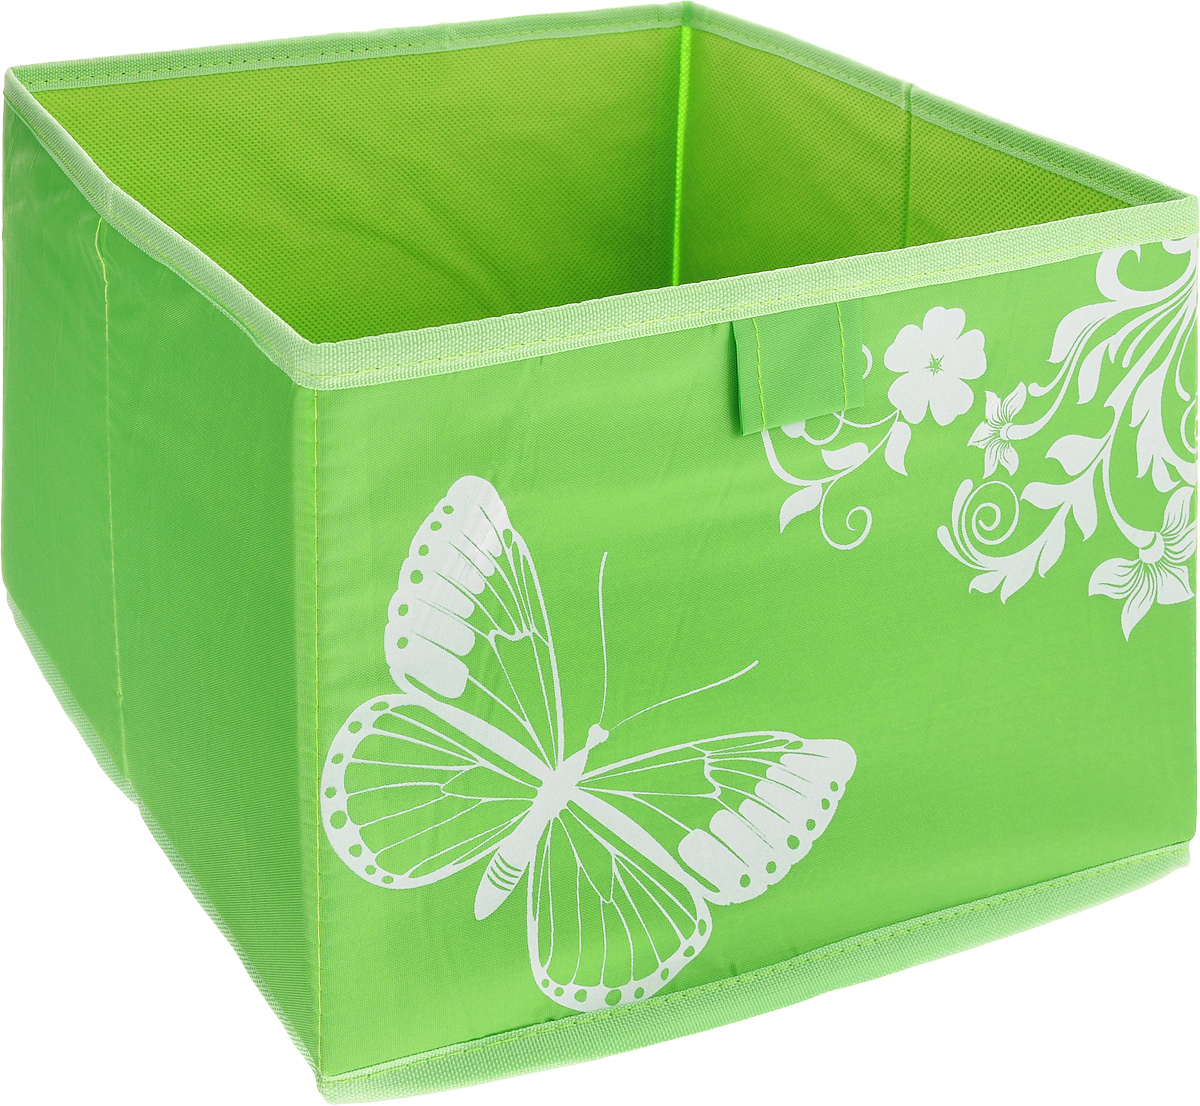 Коробка для хранения Hausmann Butterfly, цвет: салатовый, 28 x 27 x 20 смRG-D31SКоробка для хранения Hausmann Butterfly поможет легко организовать пространство в шкафу или в гардеробе. Изделие выполнено из нетканого материала и полиэстера. Коробка держит форму с помощью жесткой вставки из картона, которая устанавливается на дно. Боковая поверхность оформлена ярким принтом с изображением бабочек. В такой коробке удобно хранить одежду, нижнее белье, носки и различные аксессуары.